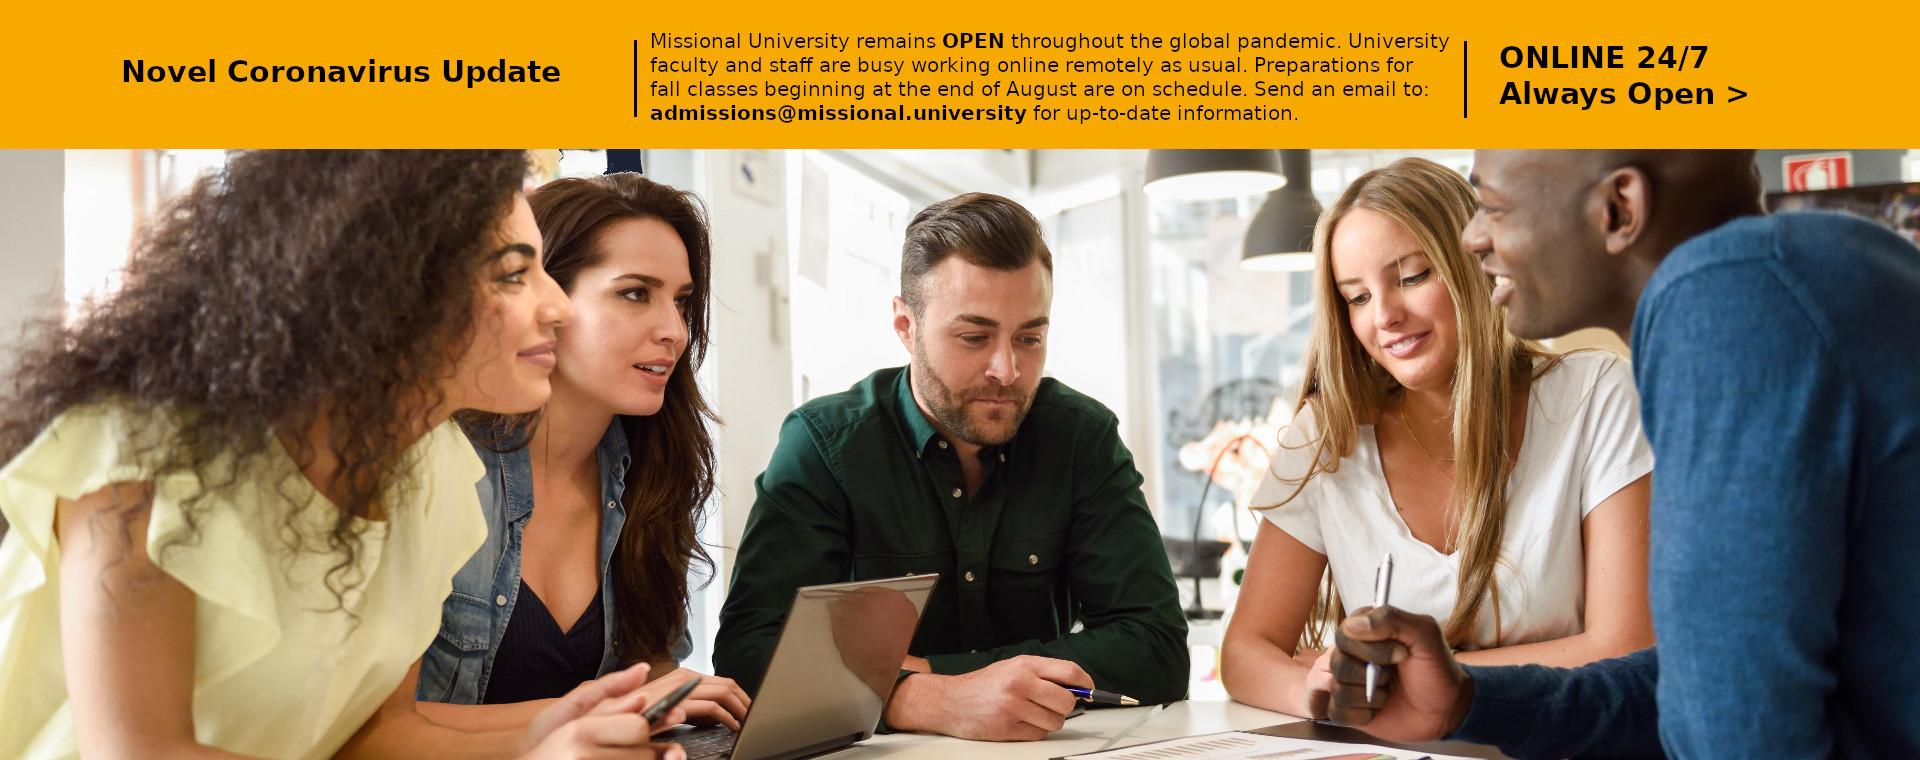 A World Class Online Education